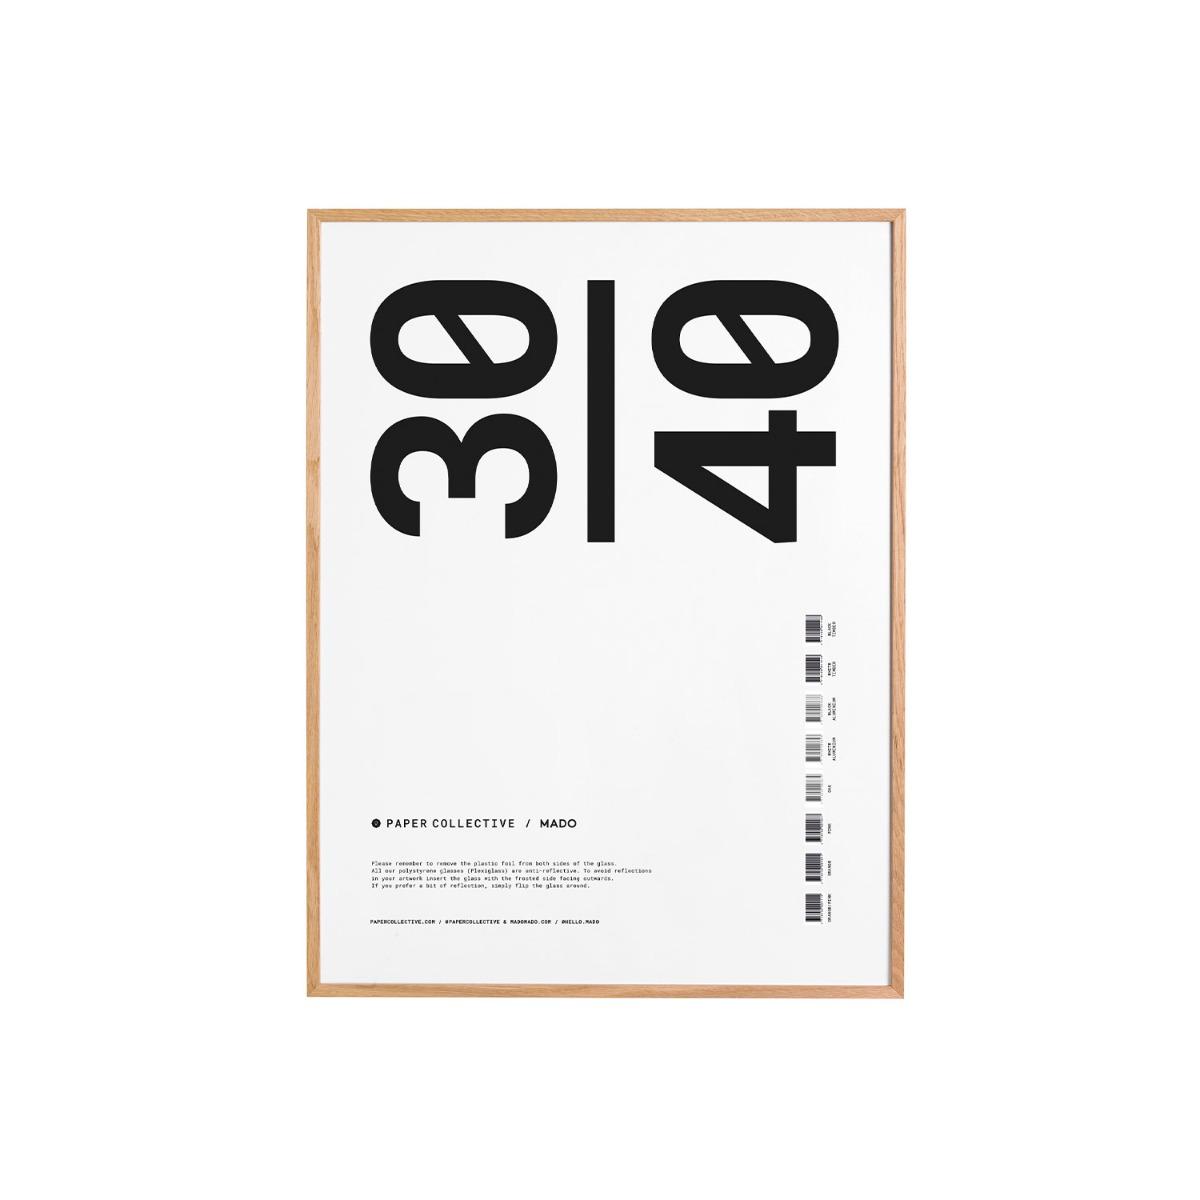 Paper Collective Ram Ek Plexi 30x40 cm